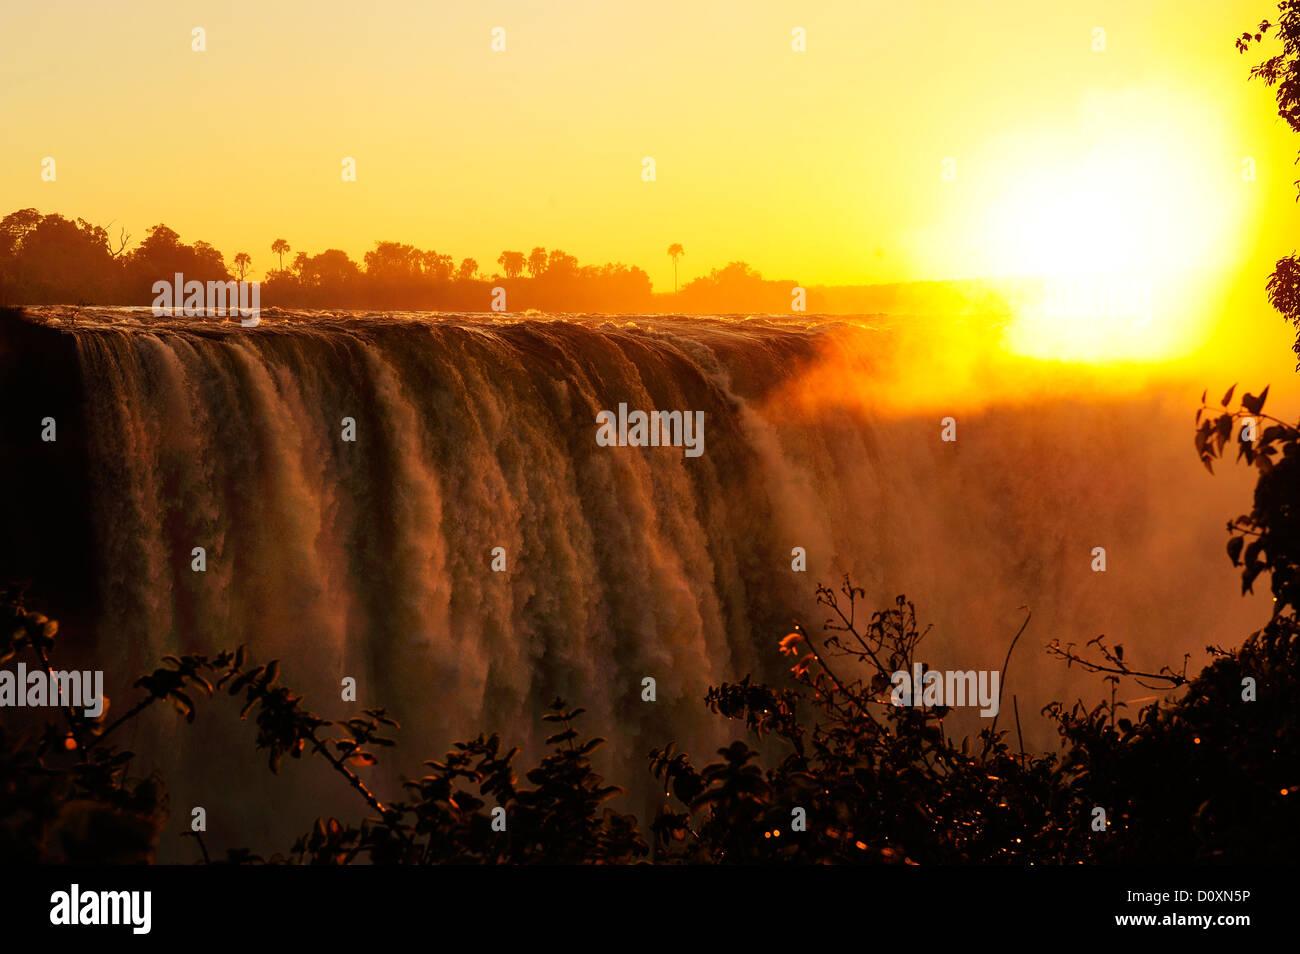 L'Afrique, le Zimbabwe, le Zambèze, fleuve, le sud de l'Afrique, les chutes Victoria, cascade, eau, canyon, gorge, soleil, coucher du soleil Banque D'Images